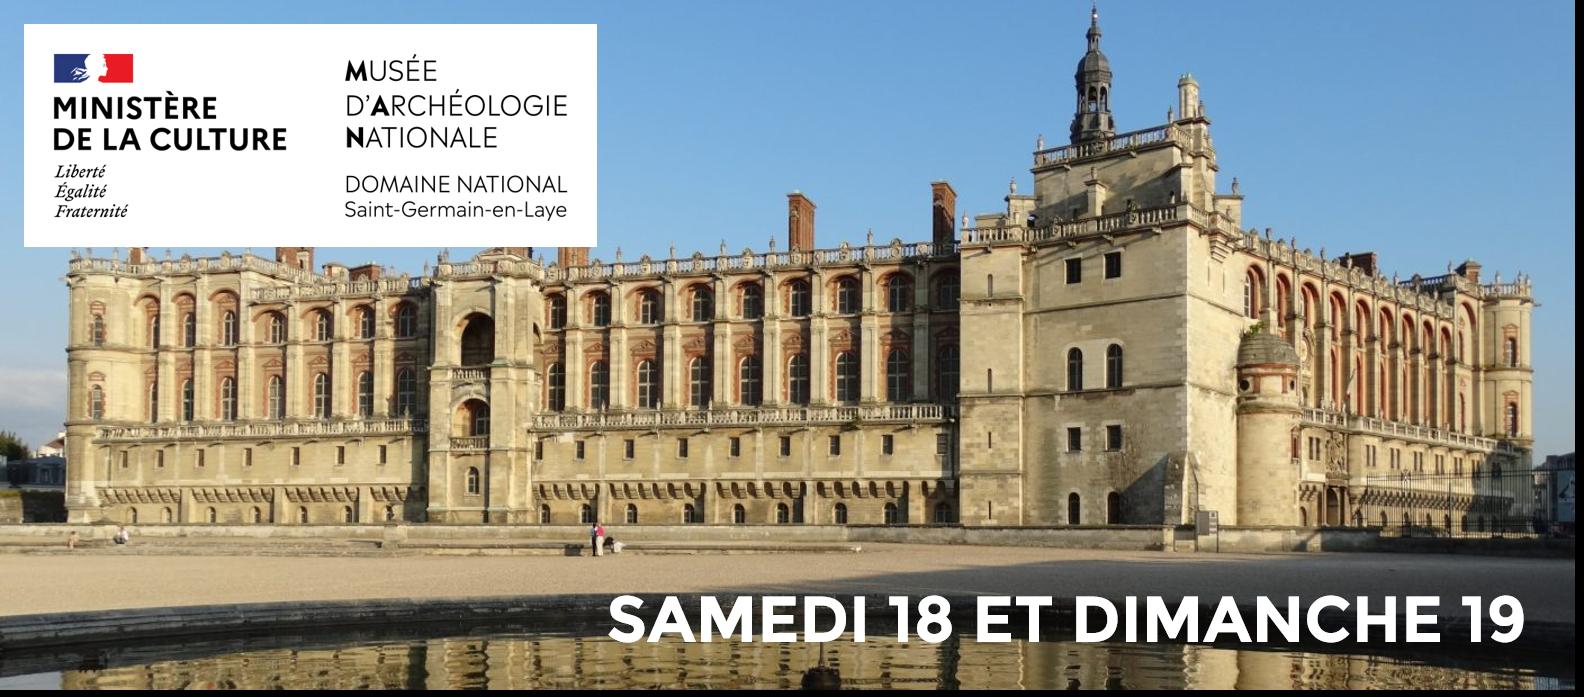 LE MUSÉE D'ARCHÉOLOGIE NATIONALE DE SAINT GERMAIN VOUS OUVRE SES PORTES LES SAMEDI 18 ET DIMANCHE 19 SEPTEMBRE